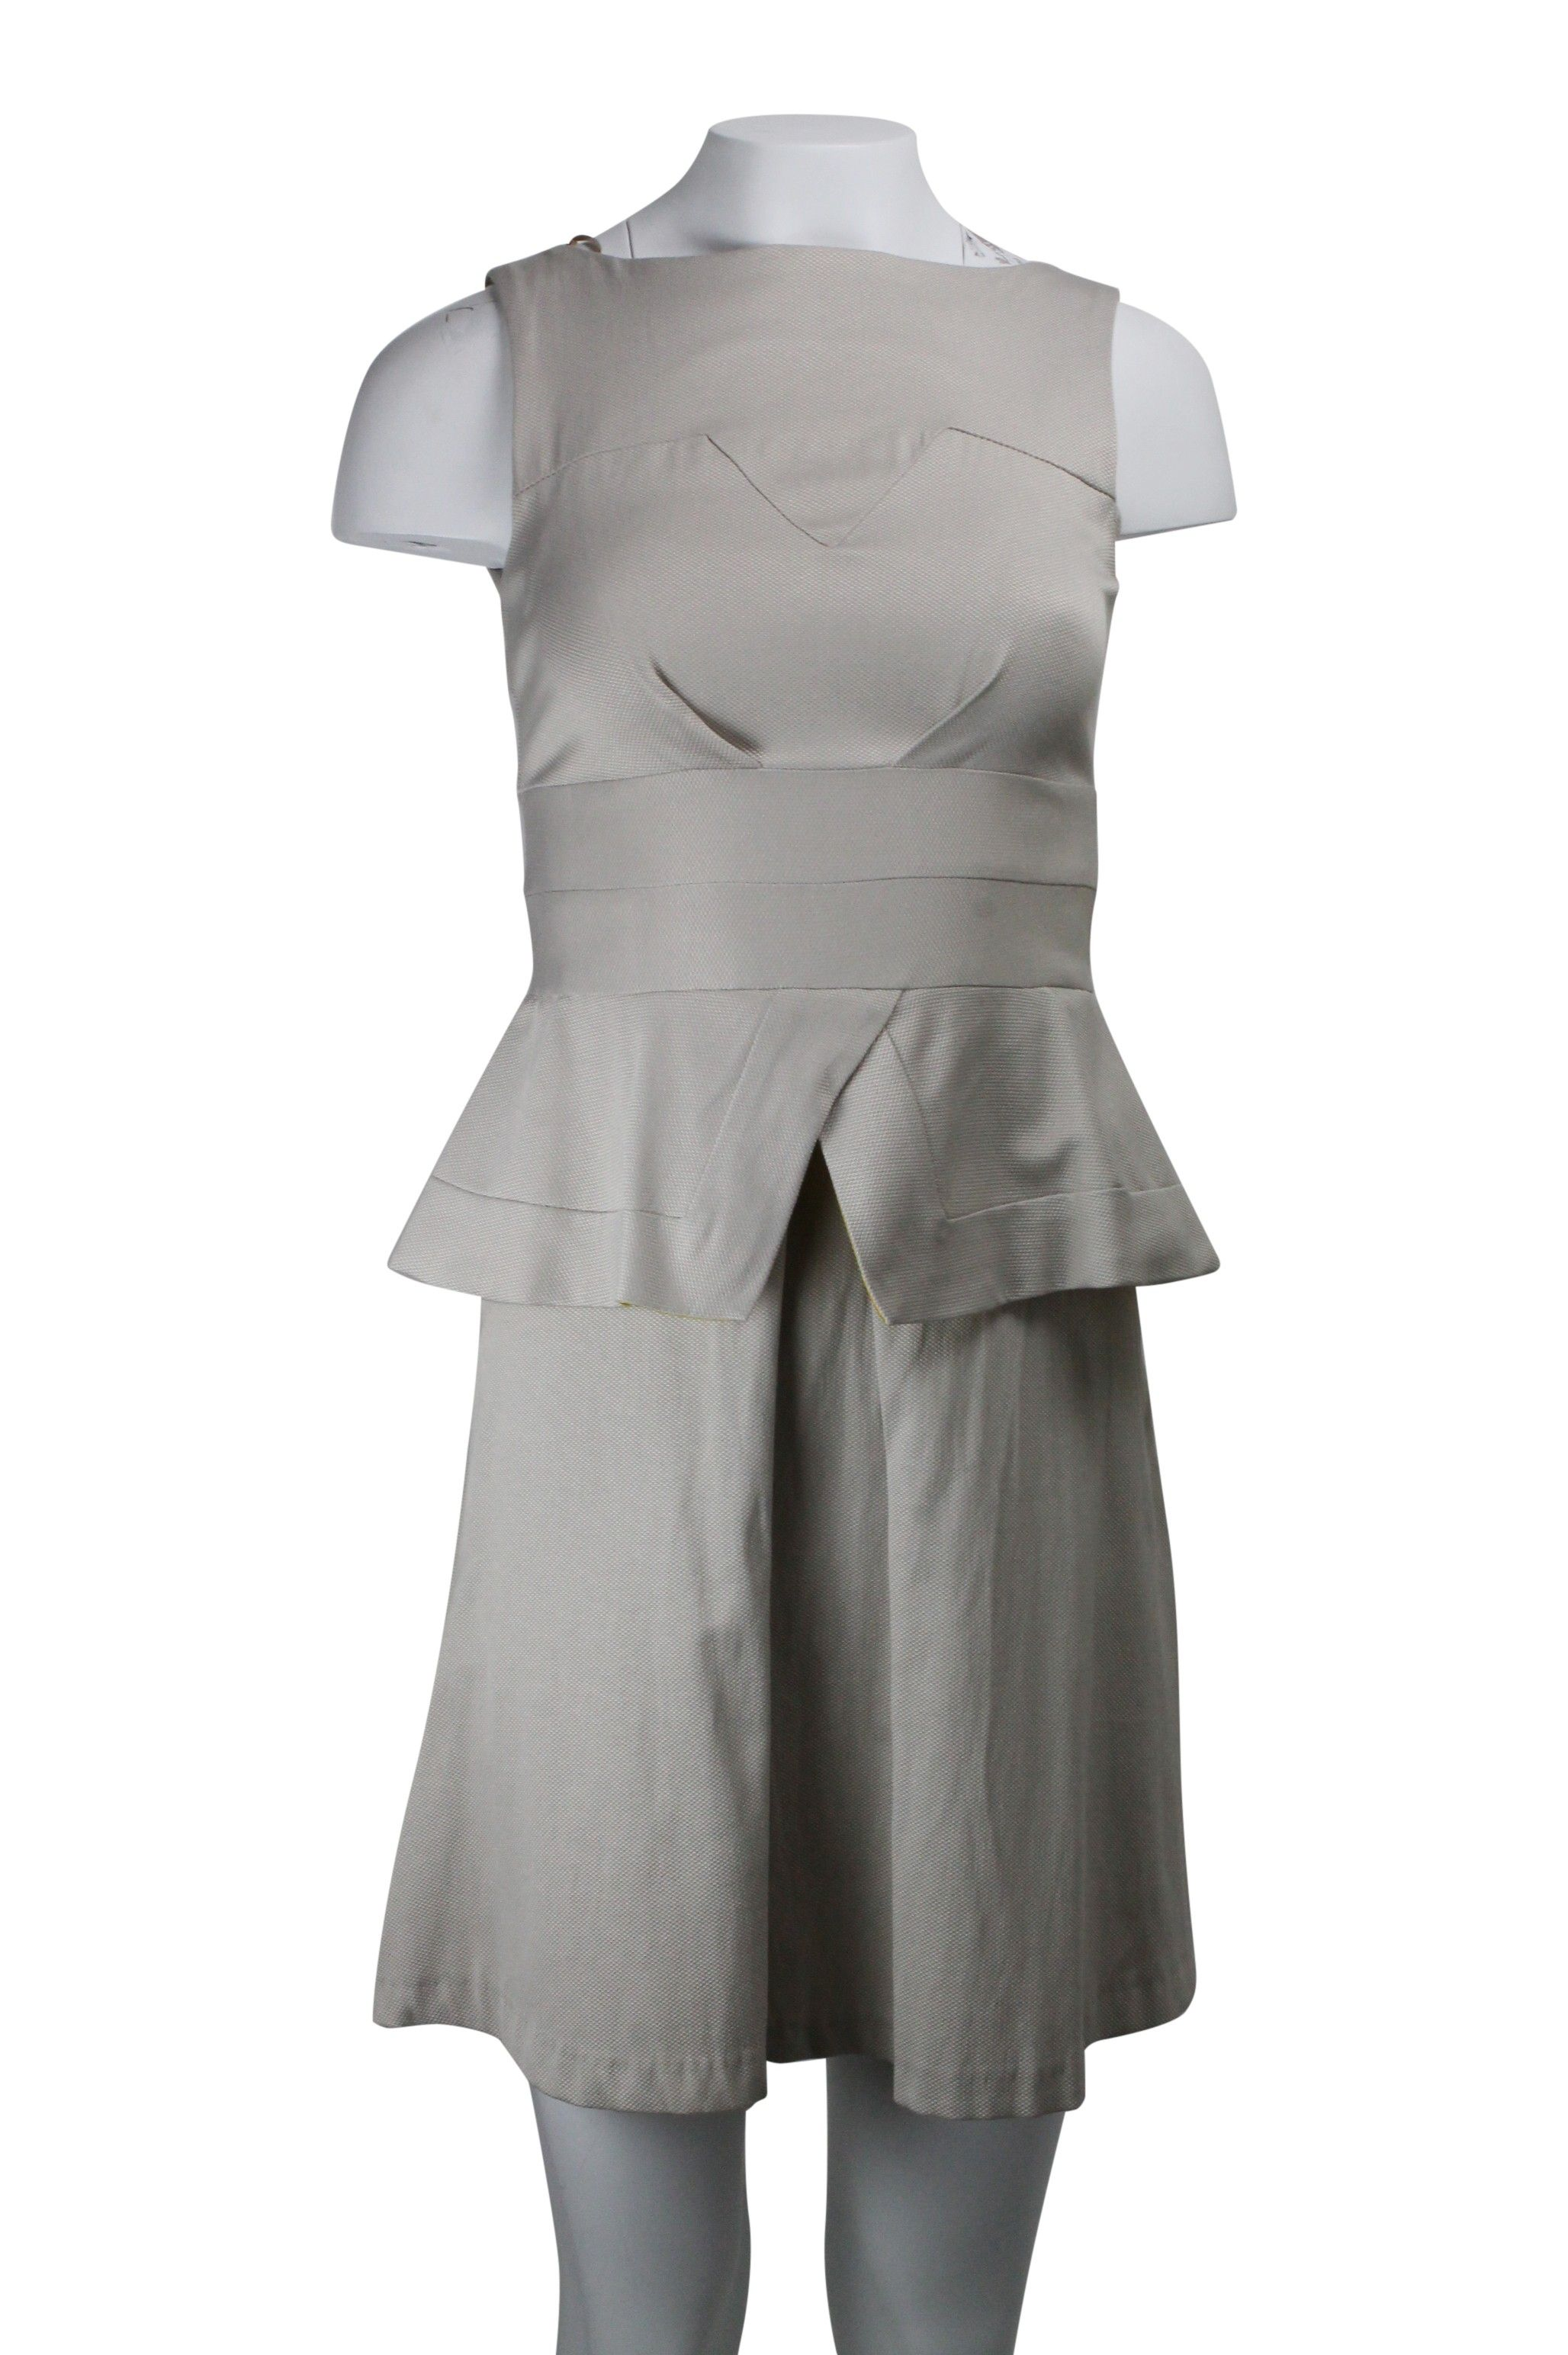 Schones Elegantes Kleid Gr 38 Elegante Kleider Kleider Und Elegant